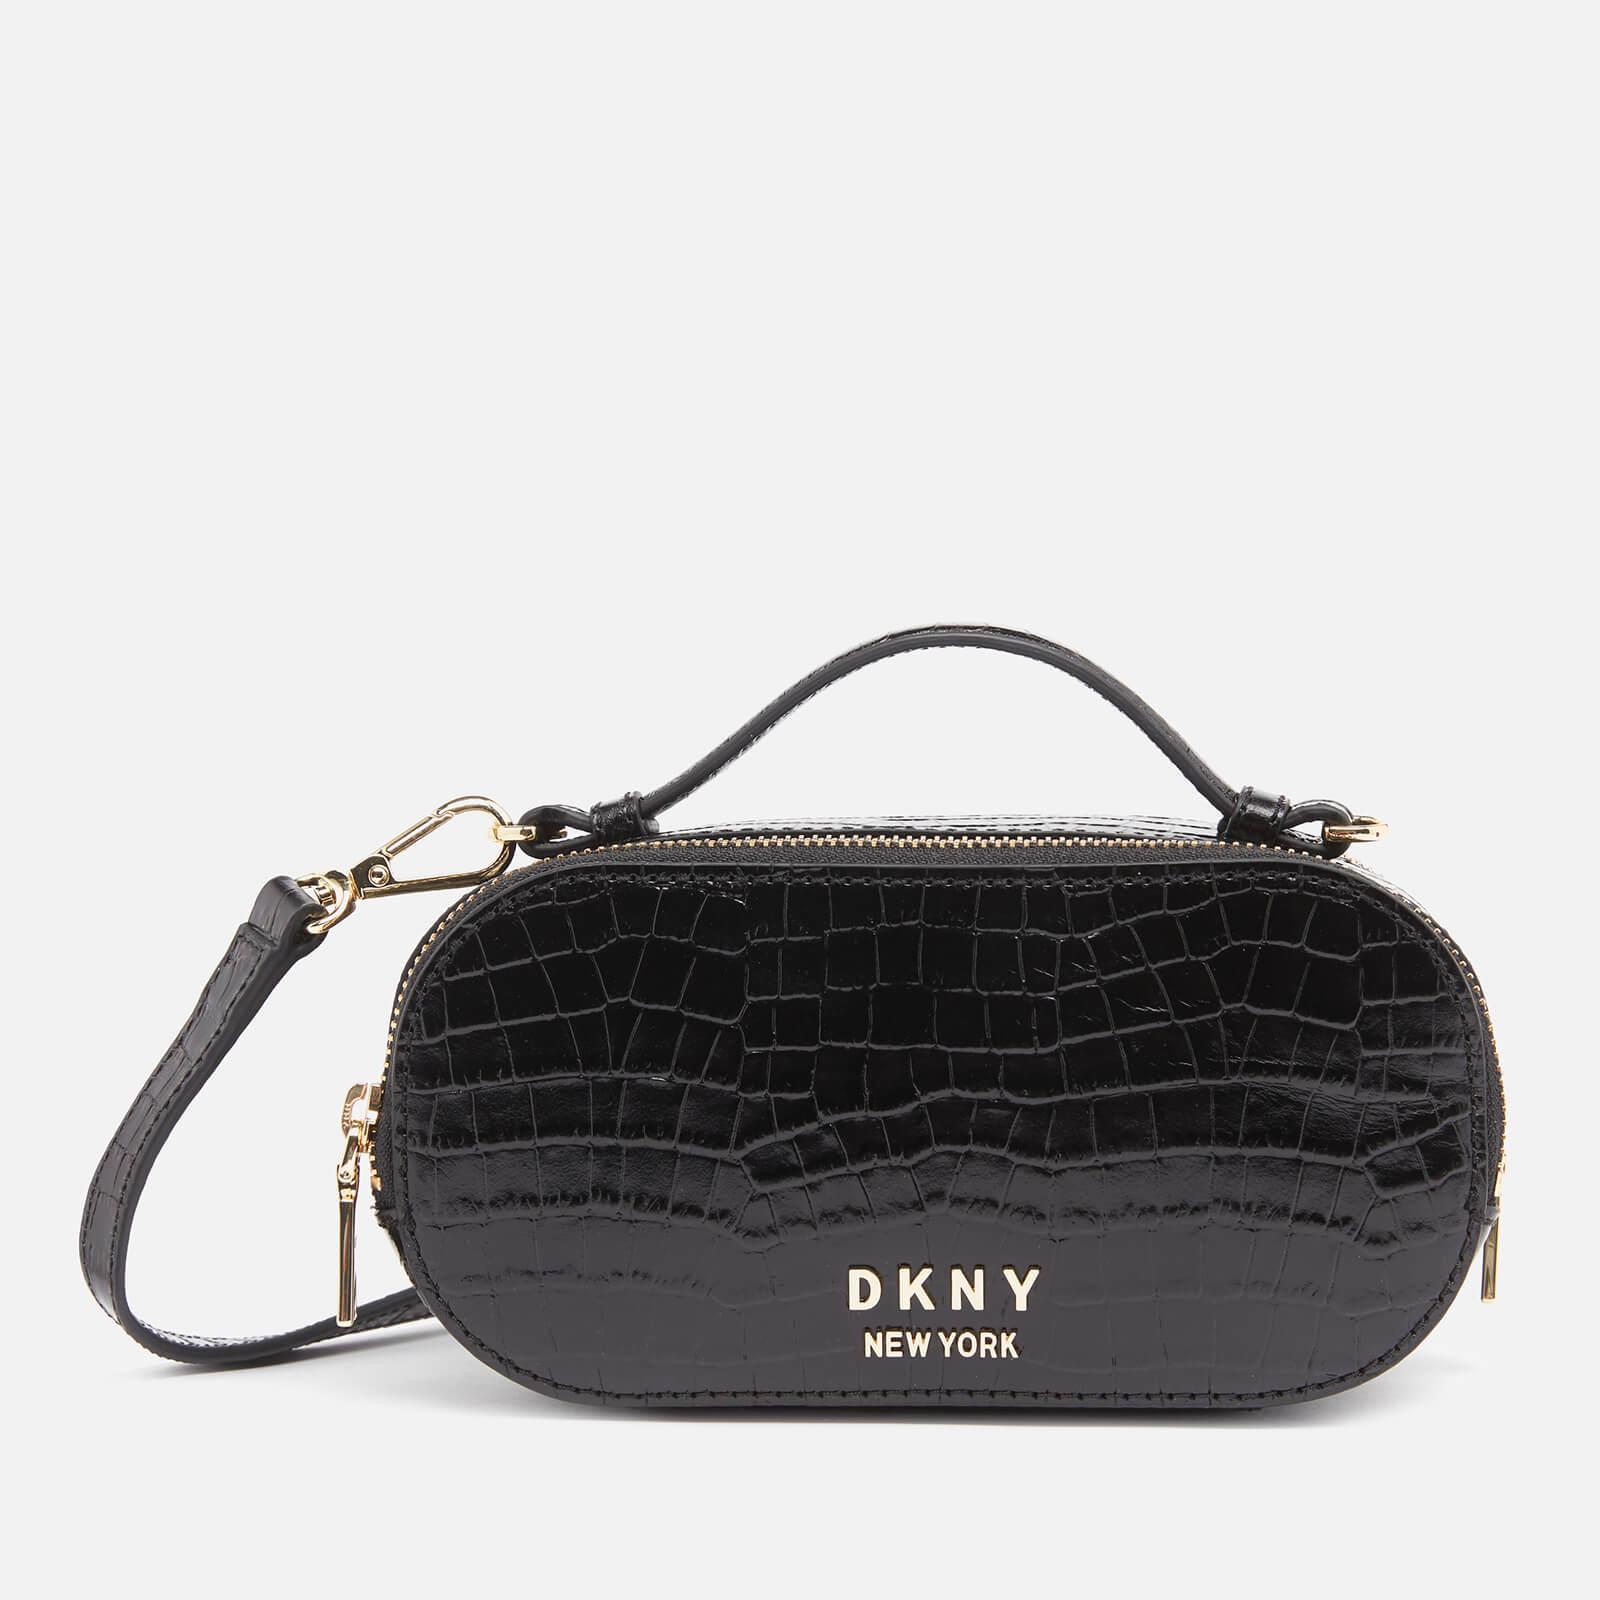 Dkny Women's Octavia Oval Croco Camera Bag - Black/Gold